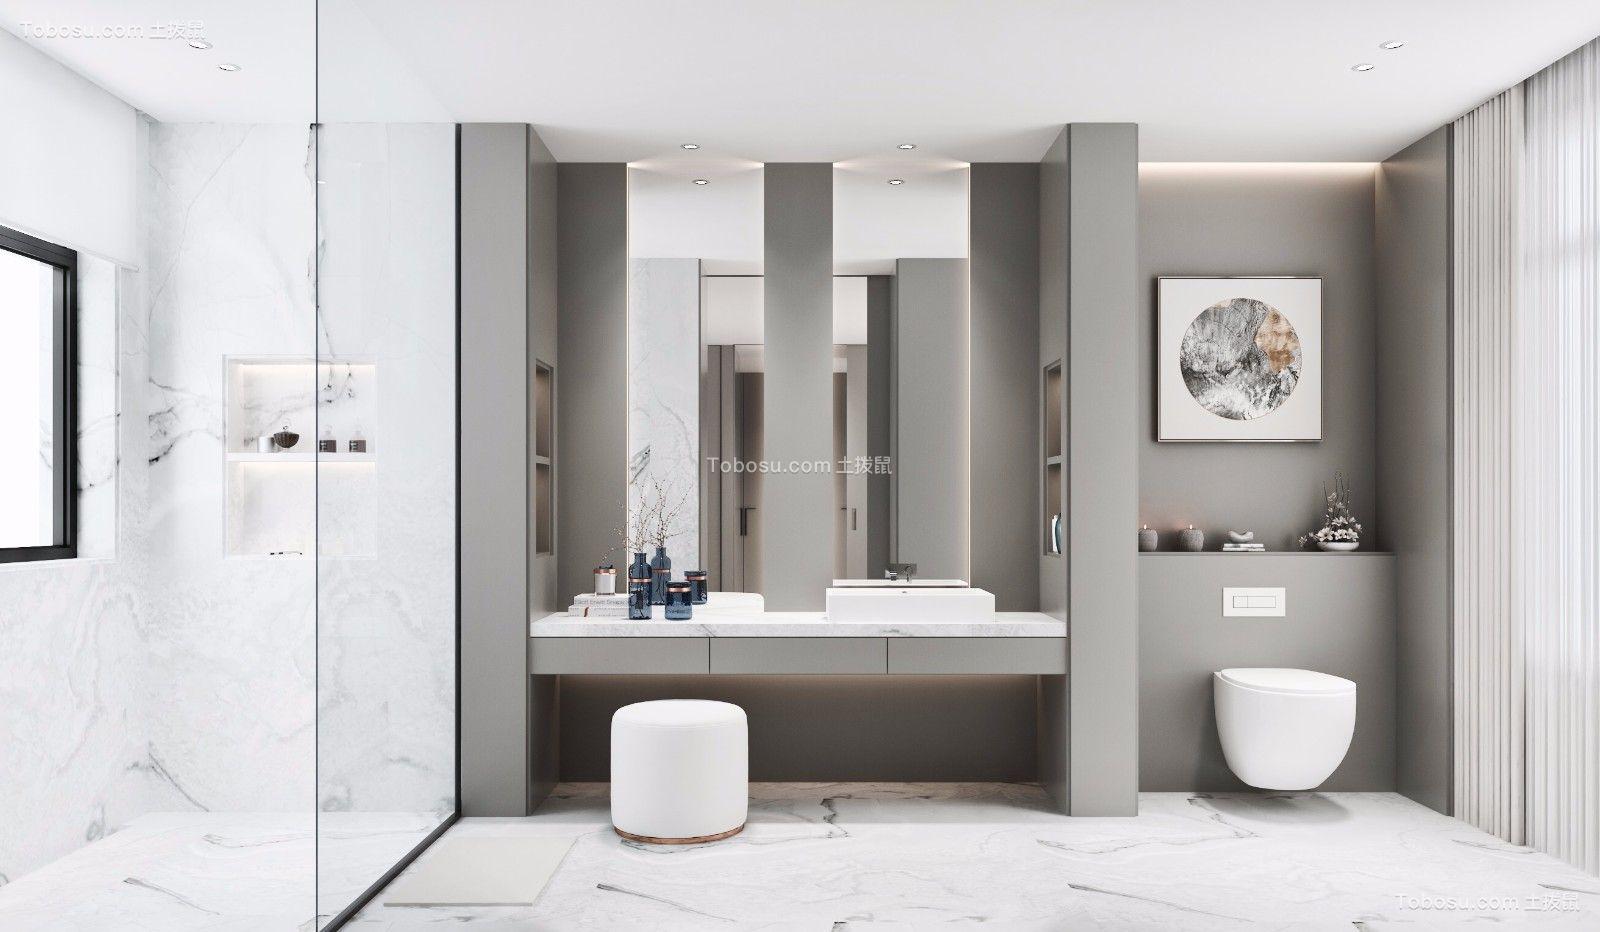 卫生间灰色洗漱台简约风格装饰效果图